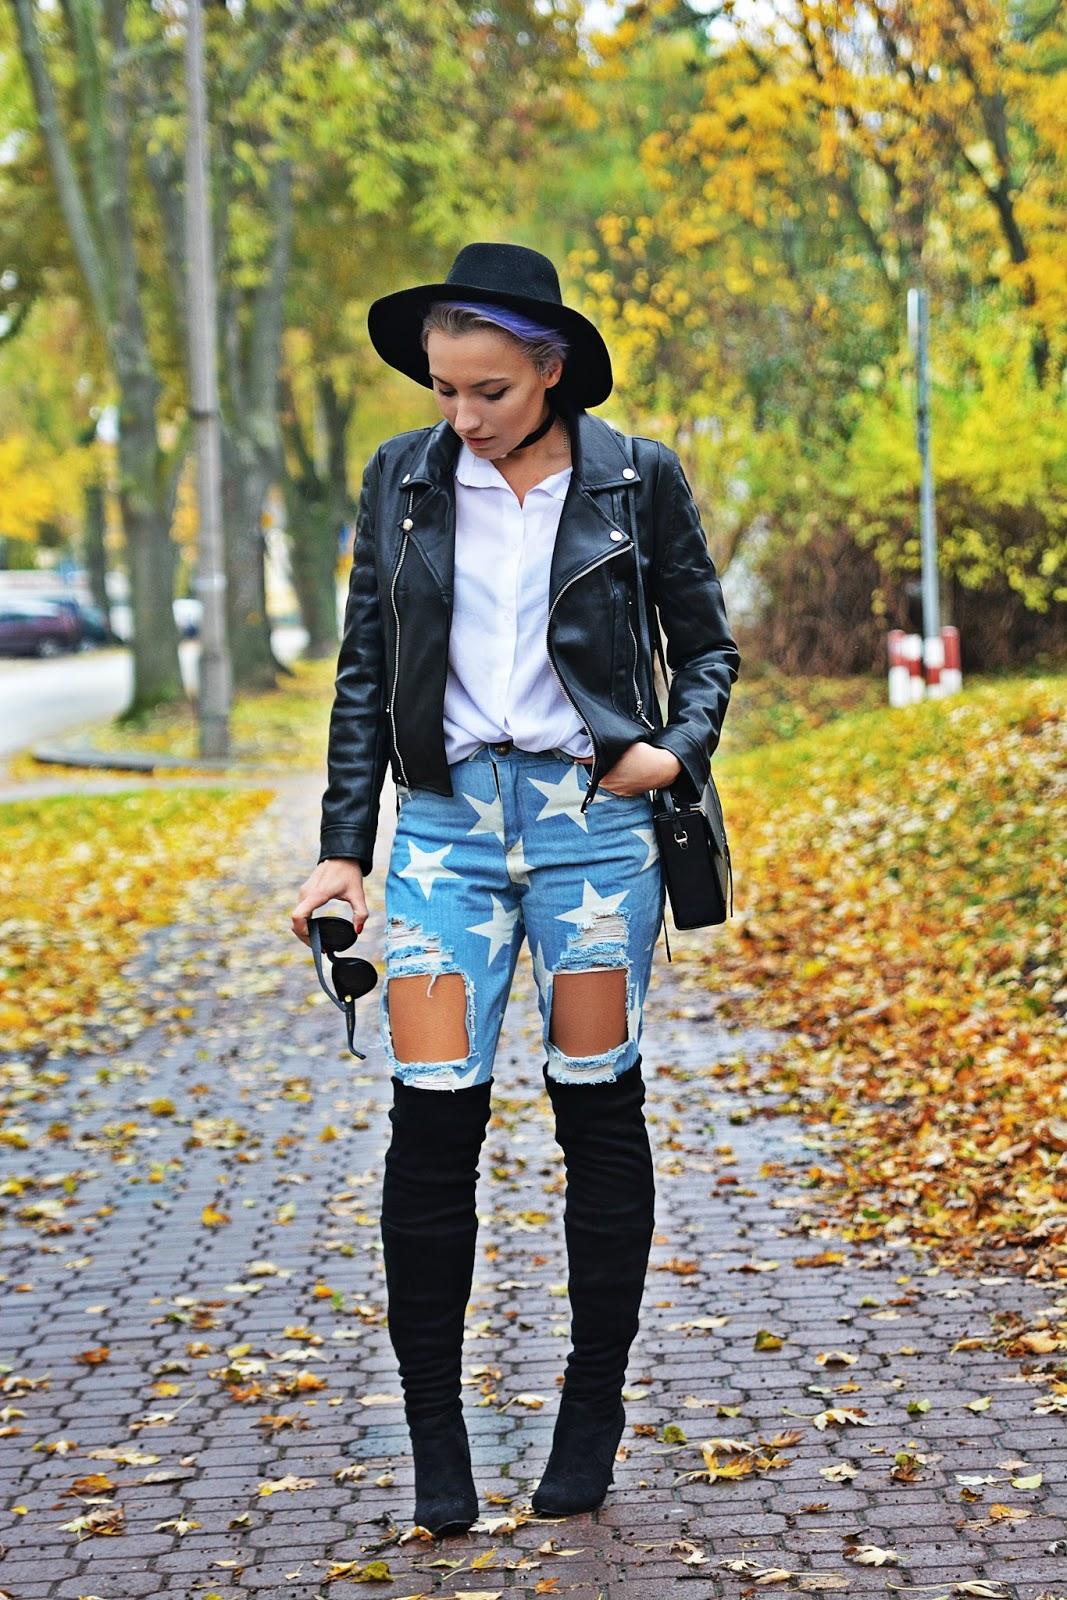 jeansy_w_gwiazdki_buty_za_kolano_czarna_ramoneska_karyn